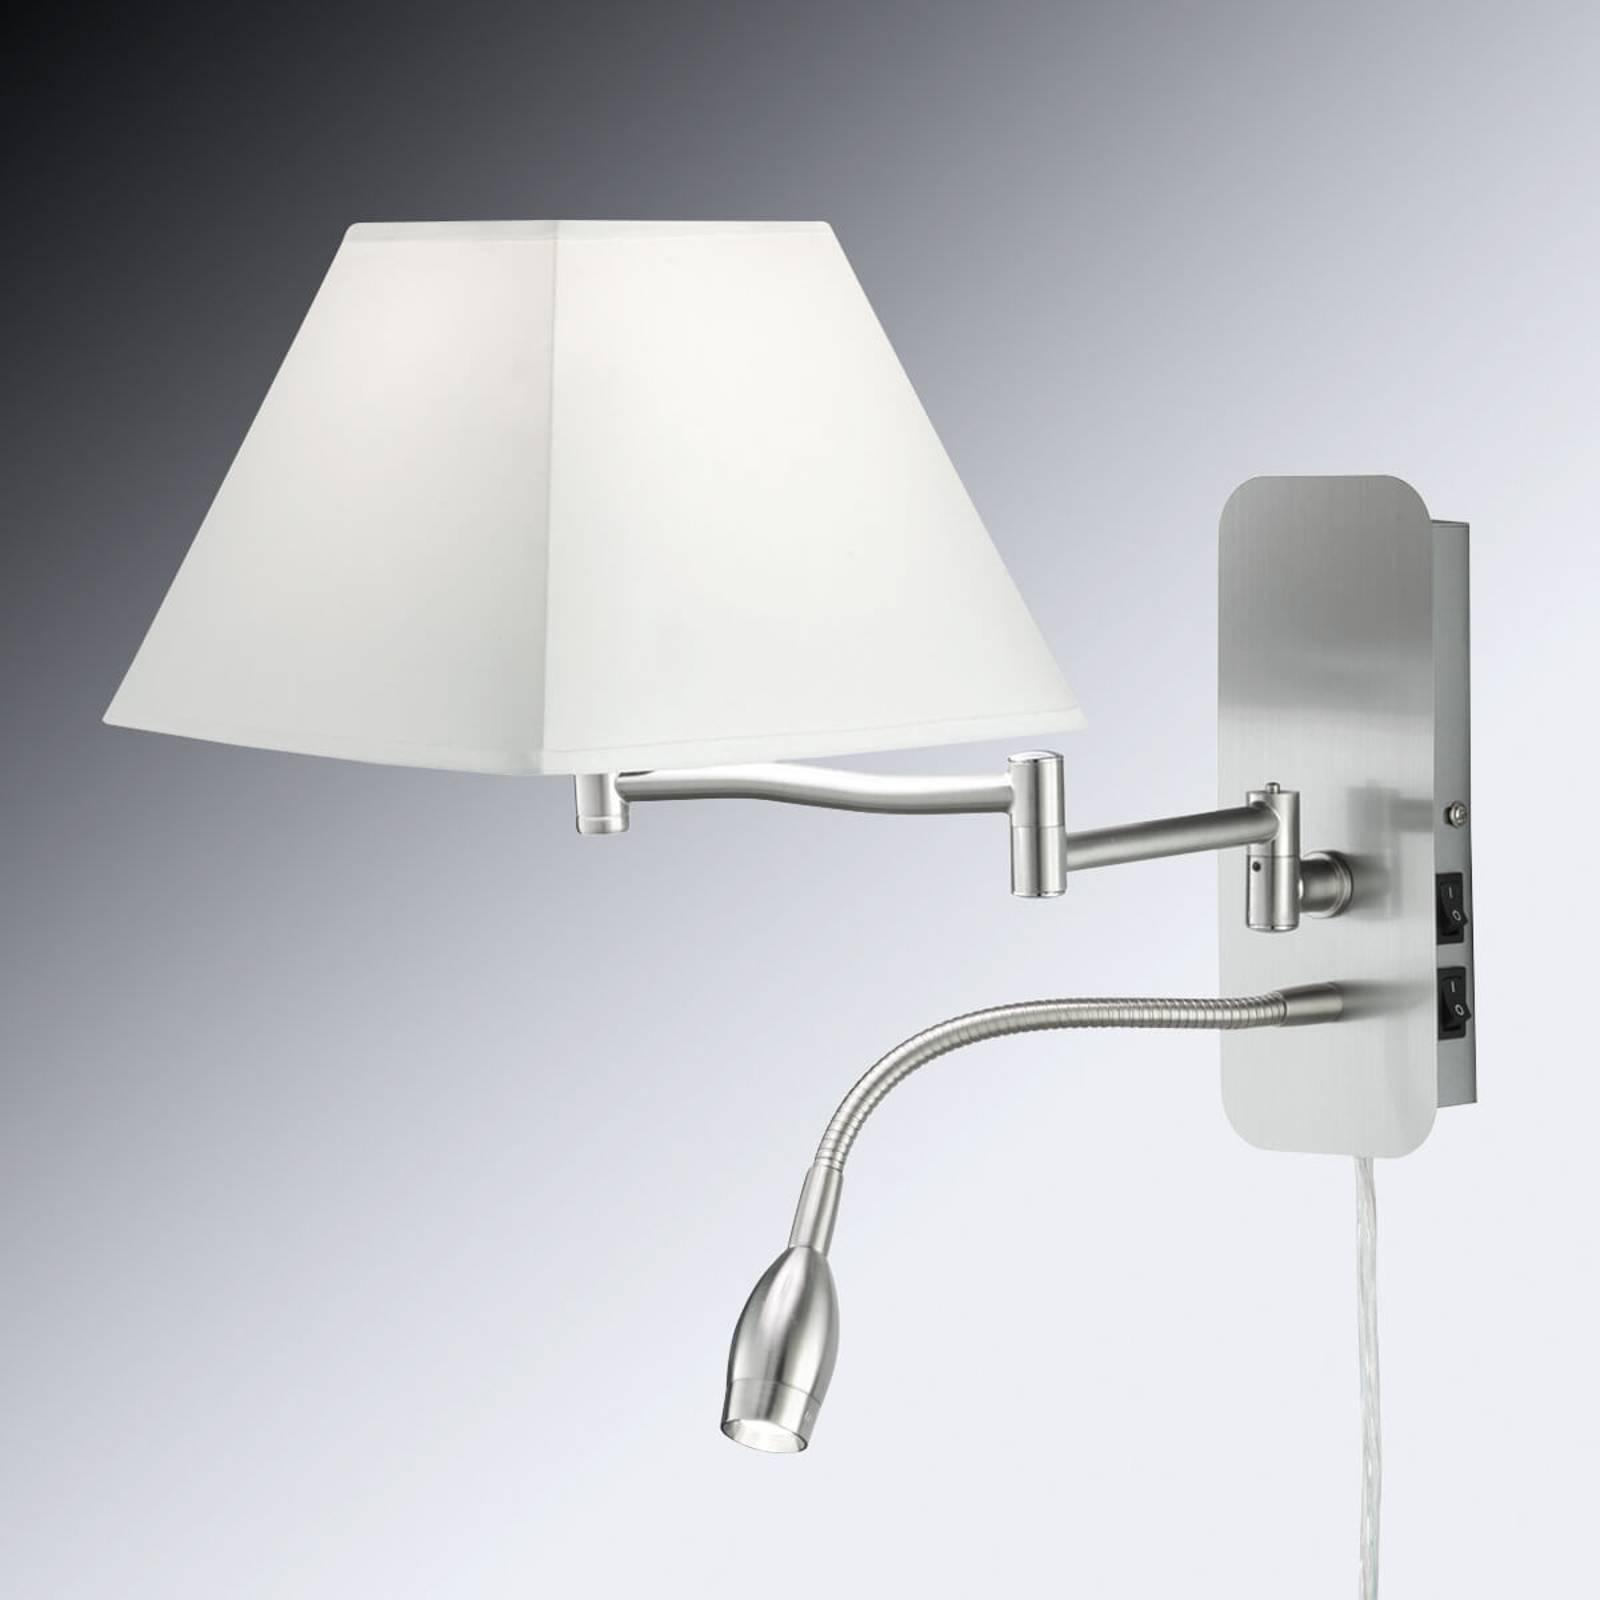 lampen von trio leuchten bei i love. Black Bedroom Furniture Sets. Home Design Ideas